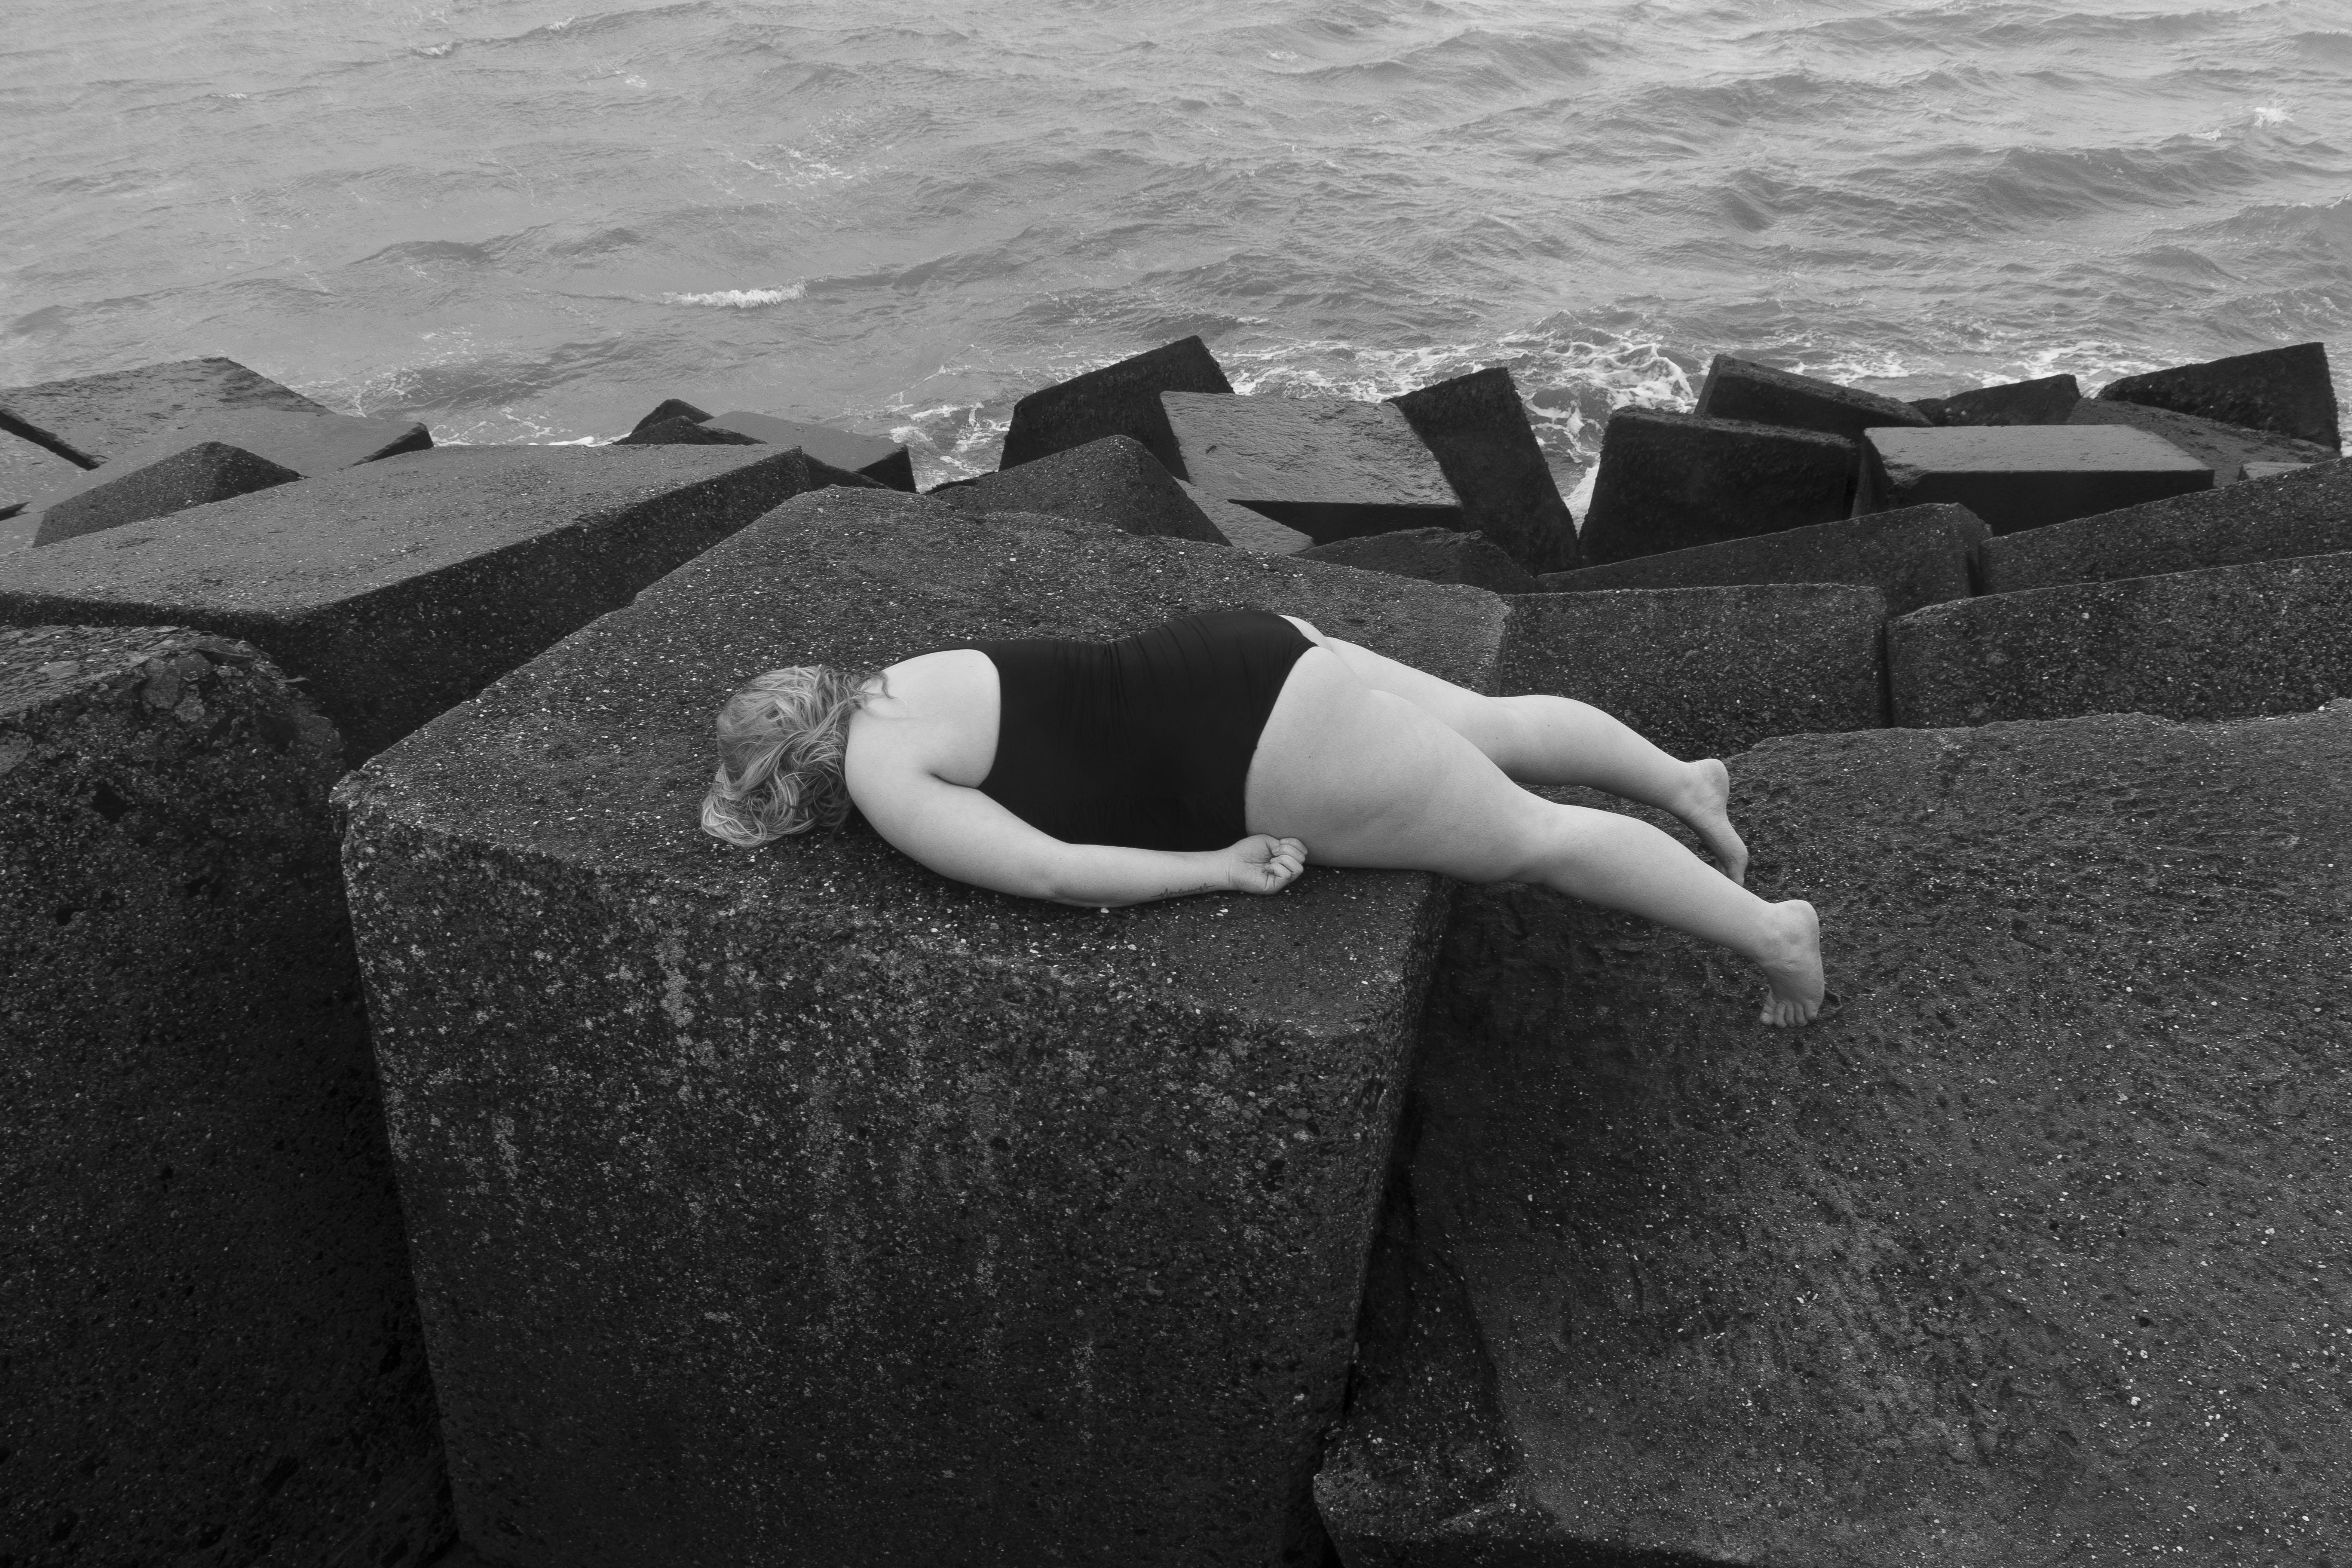 Naaktfotoserie afstuderen student Yael Laroes over dik zijn